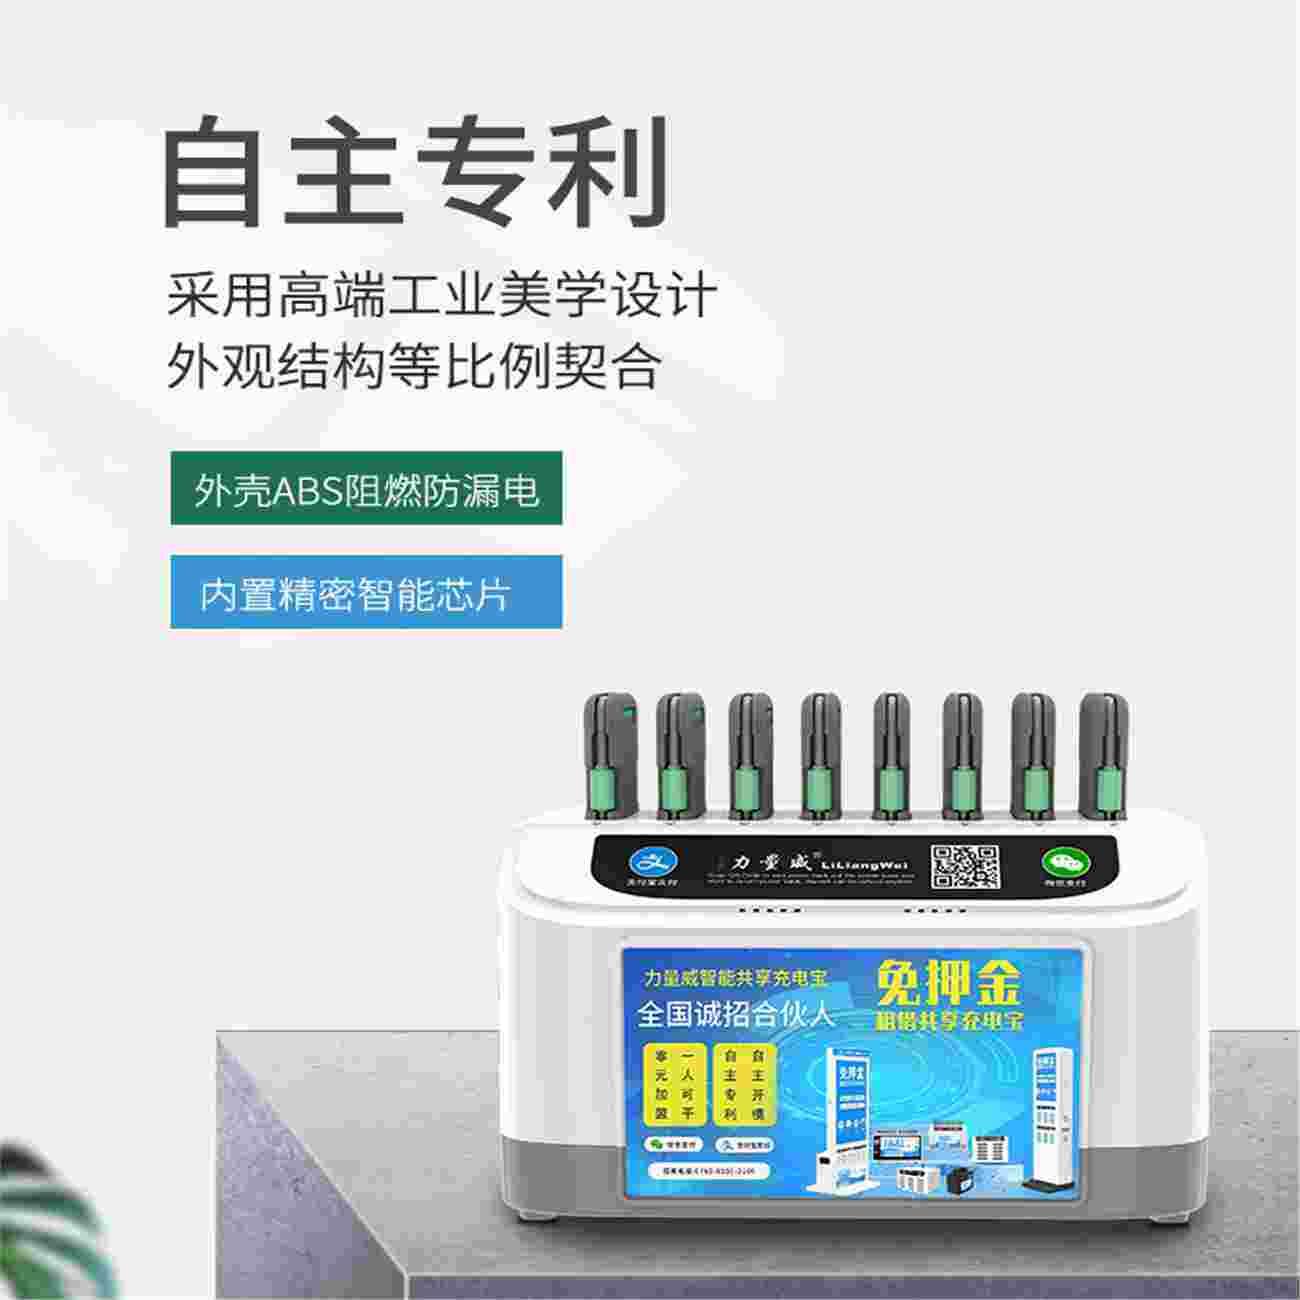 8口共享充电宝厂家定制广告机带屏 共享充电宝OEM代工生产厂家